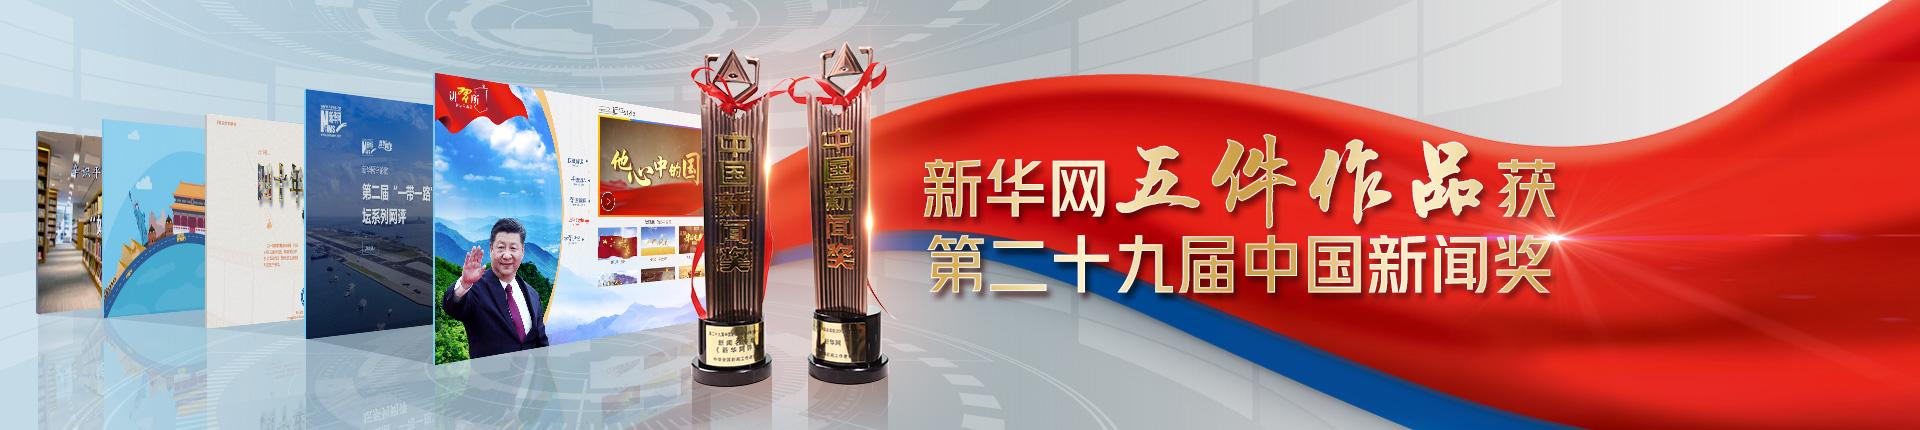 新華網五件作品獲第二十九屆中國新聞獎 兩件一等獎三件二等獎